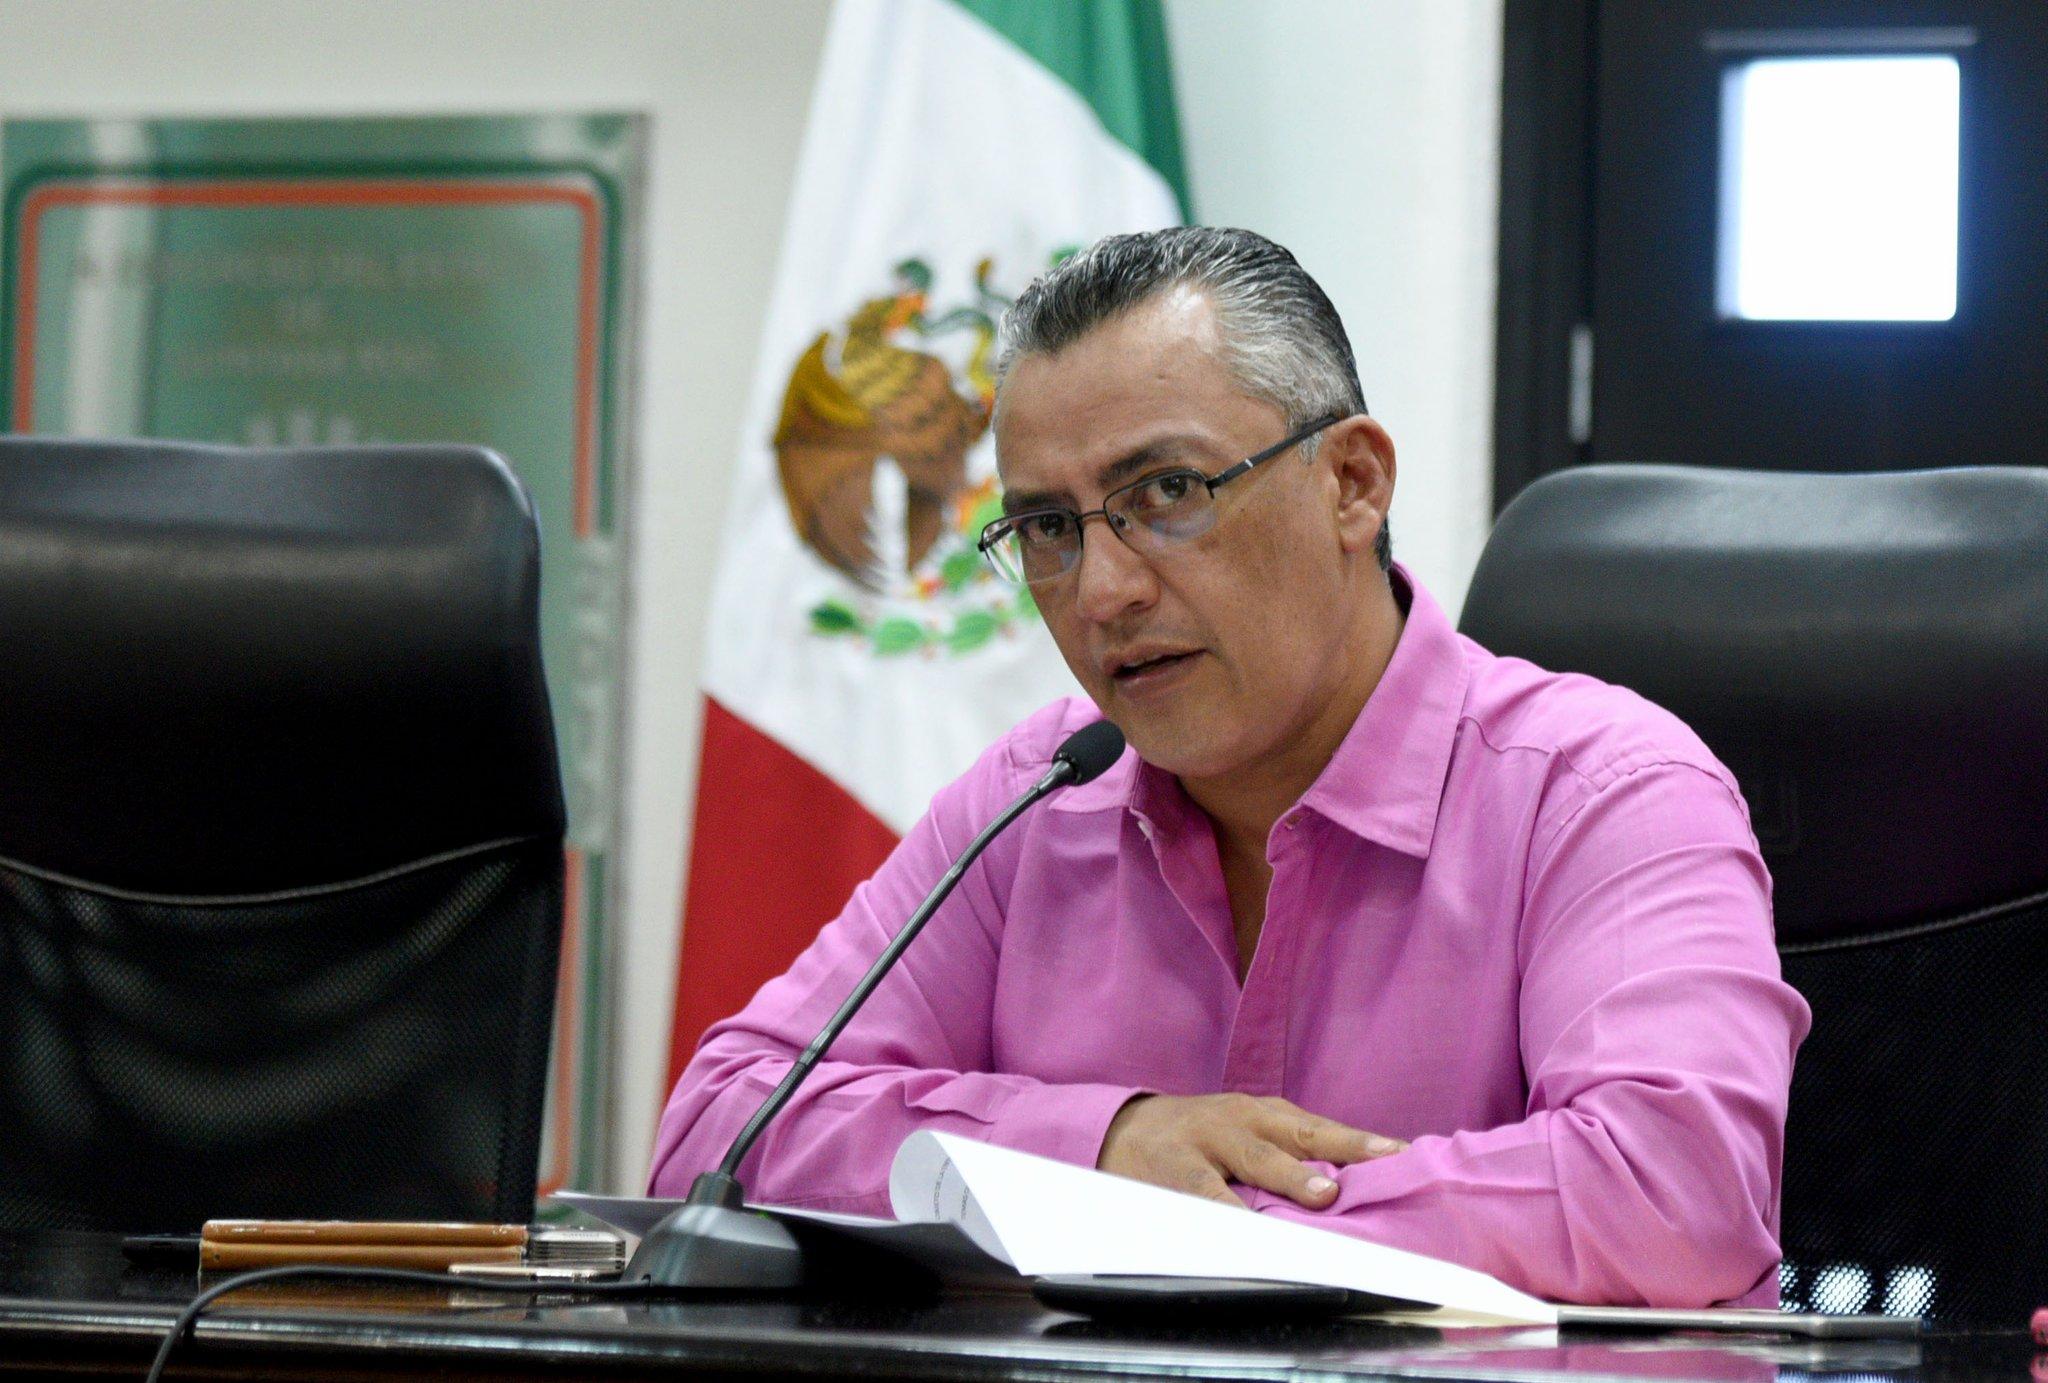 EN VIVO | MARIO SERÁ REPATRIADO: Conferencia de Carlos Mario Villanueva ante la inminente liberación de su padre, el ex Gobernador de QR